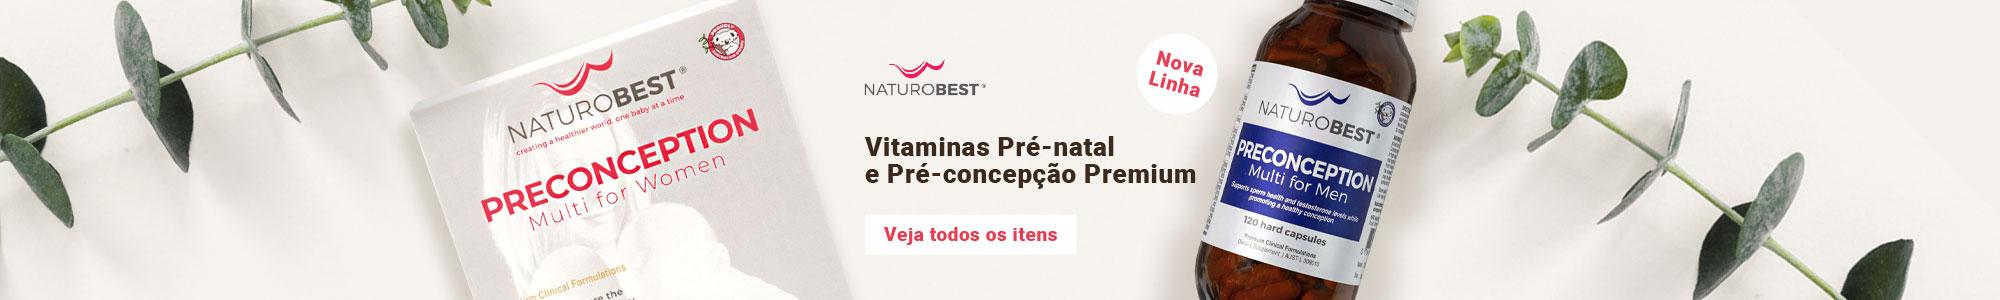 NaturoBest Nova Linha Vitaminas Pré-natal e Pré-concepção Premium Veja todos os itens